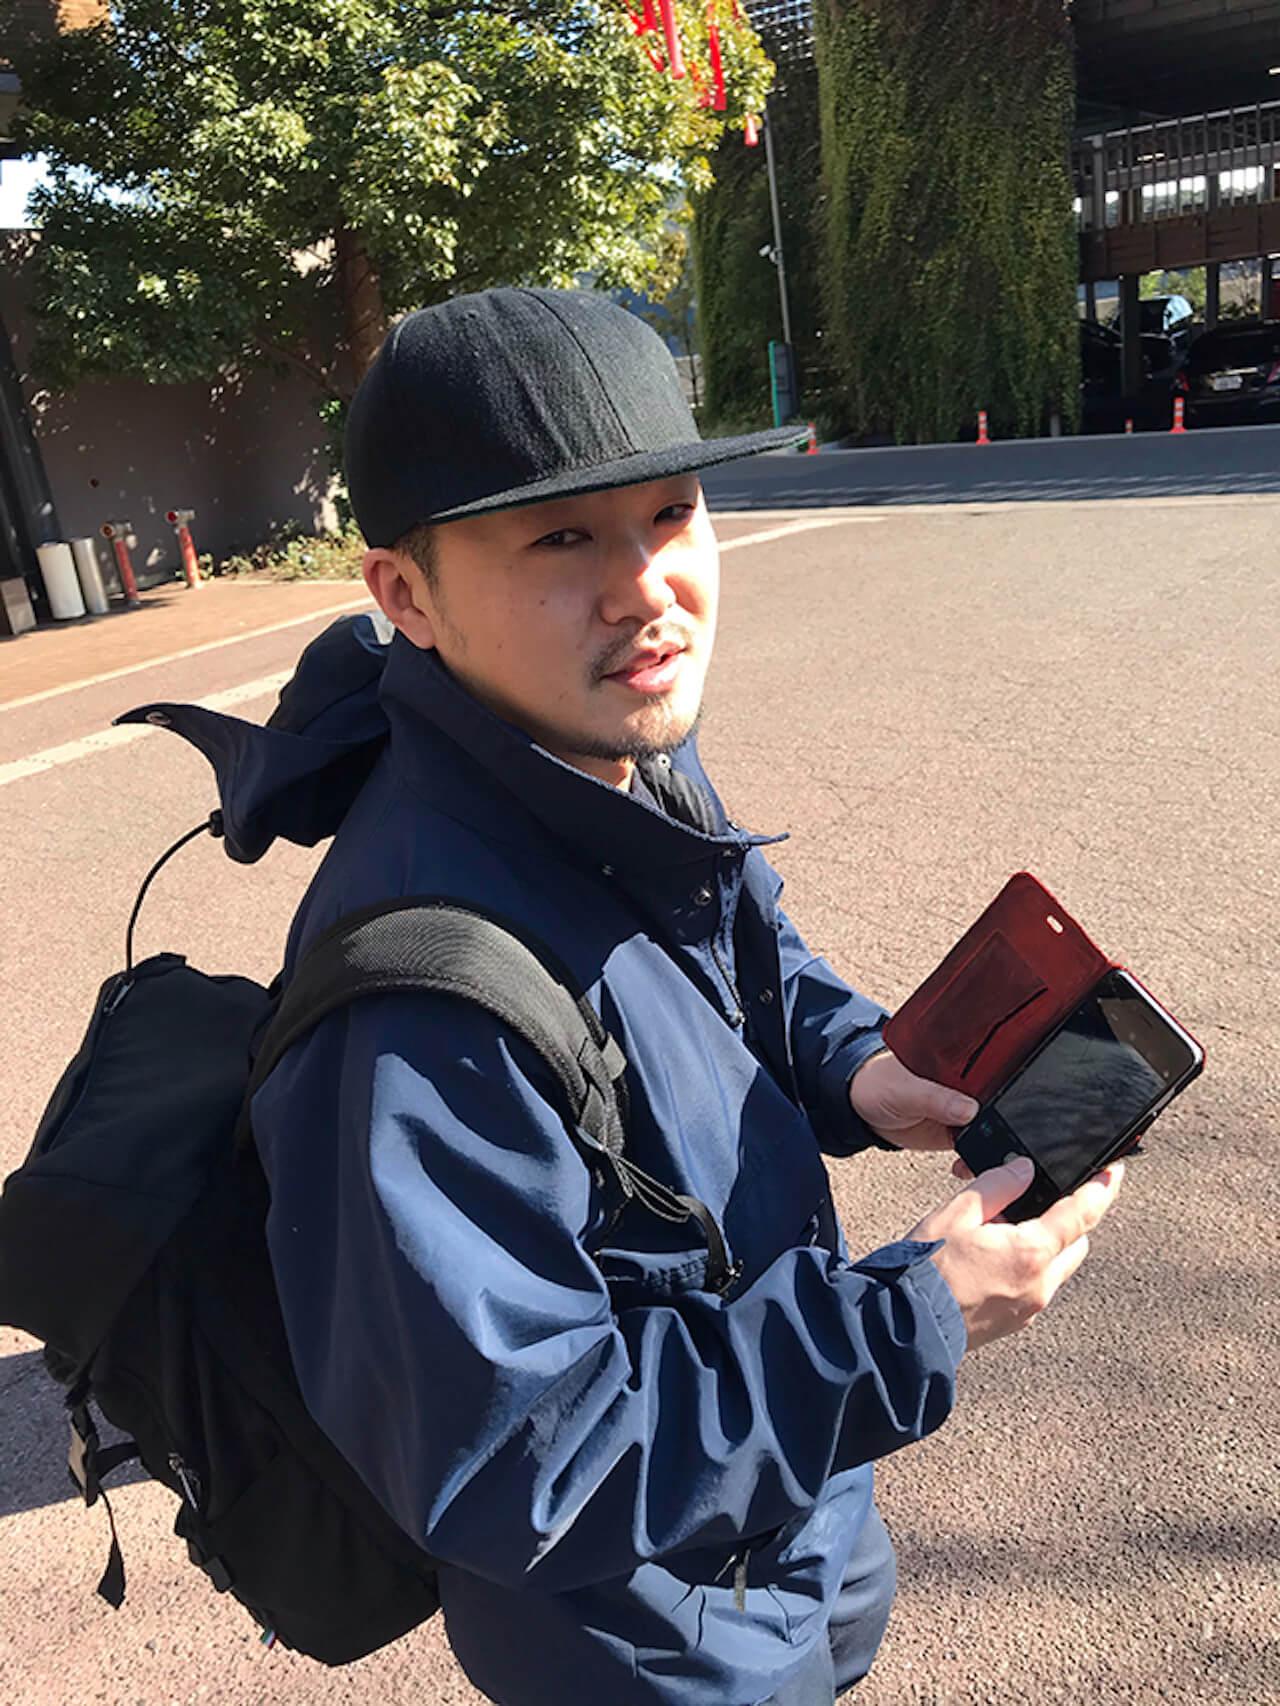 小林勝行、曽我部恵一、鬼の3マン<詩情の人>振替公演が7月14日に開催決定 music200401-shijounohito-1